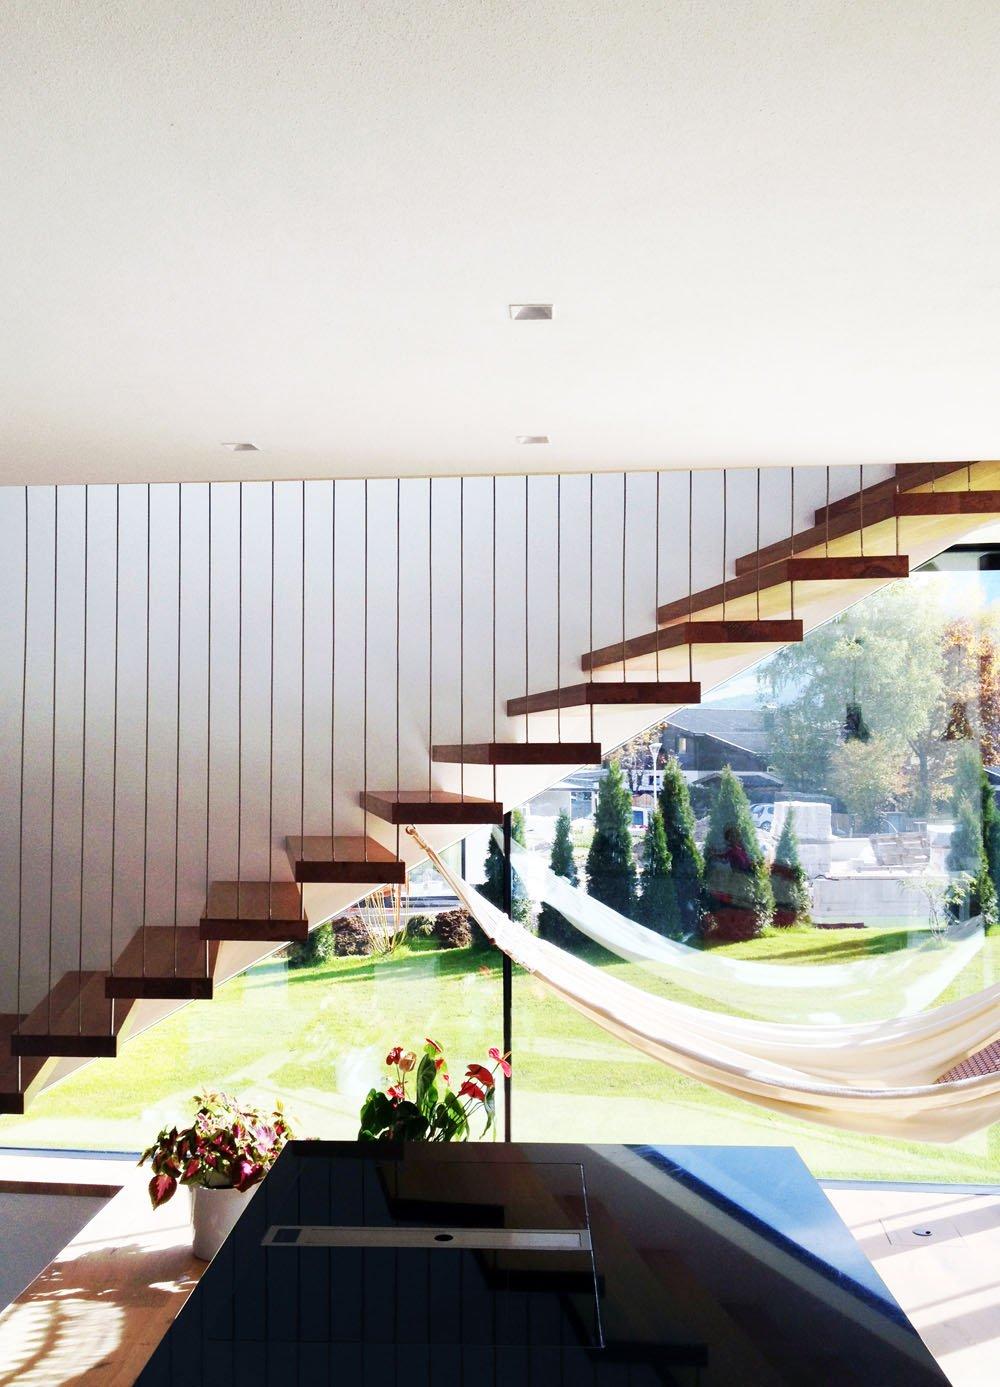 Residence-h_muk 11